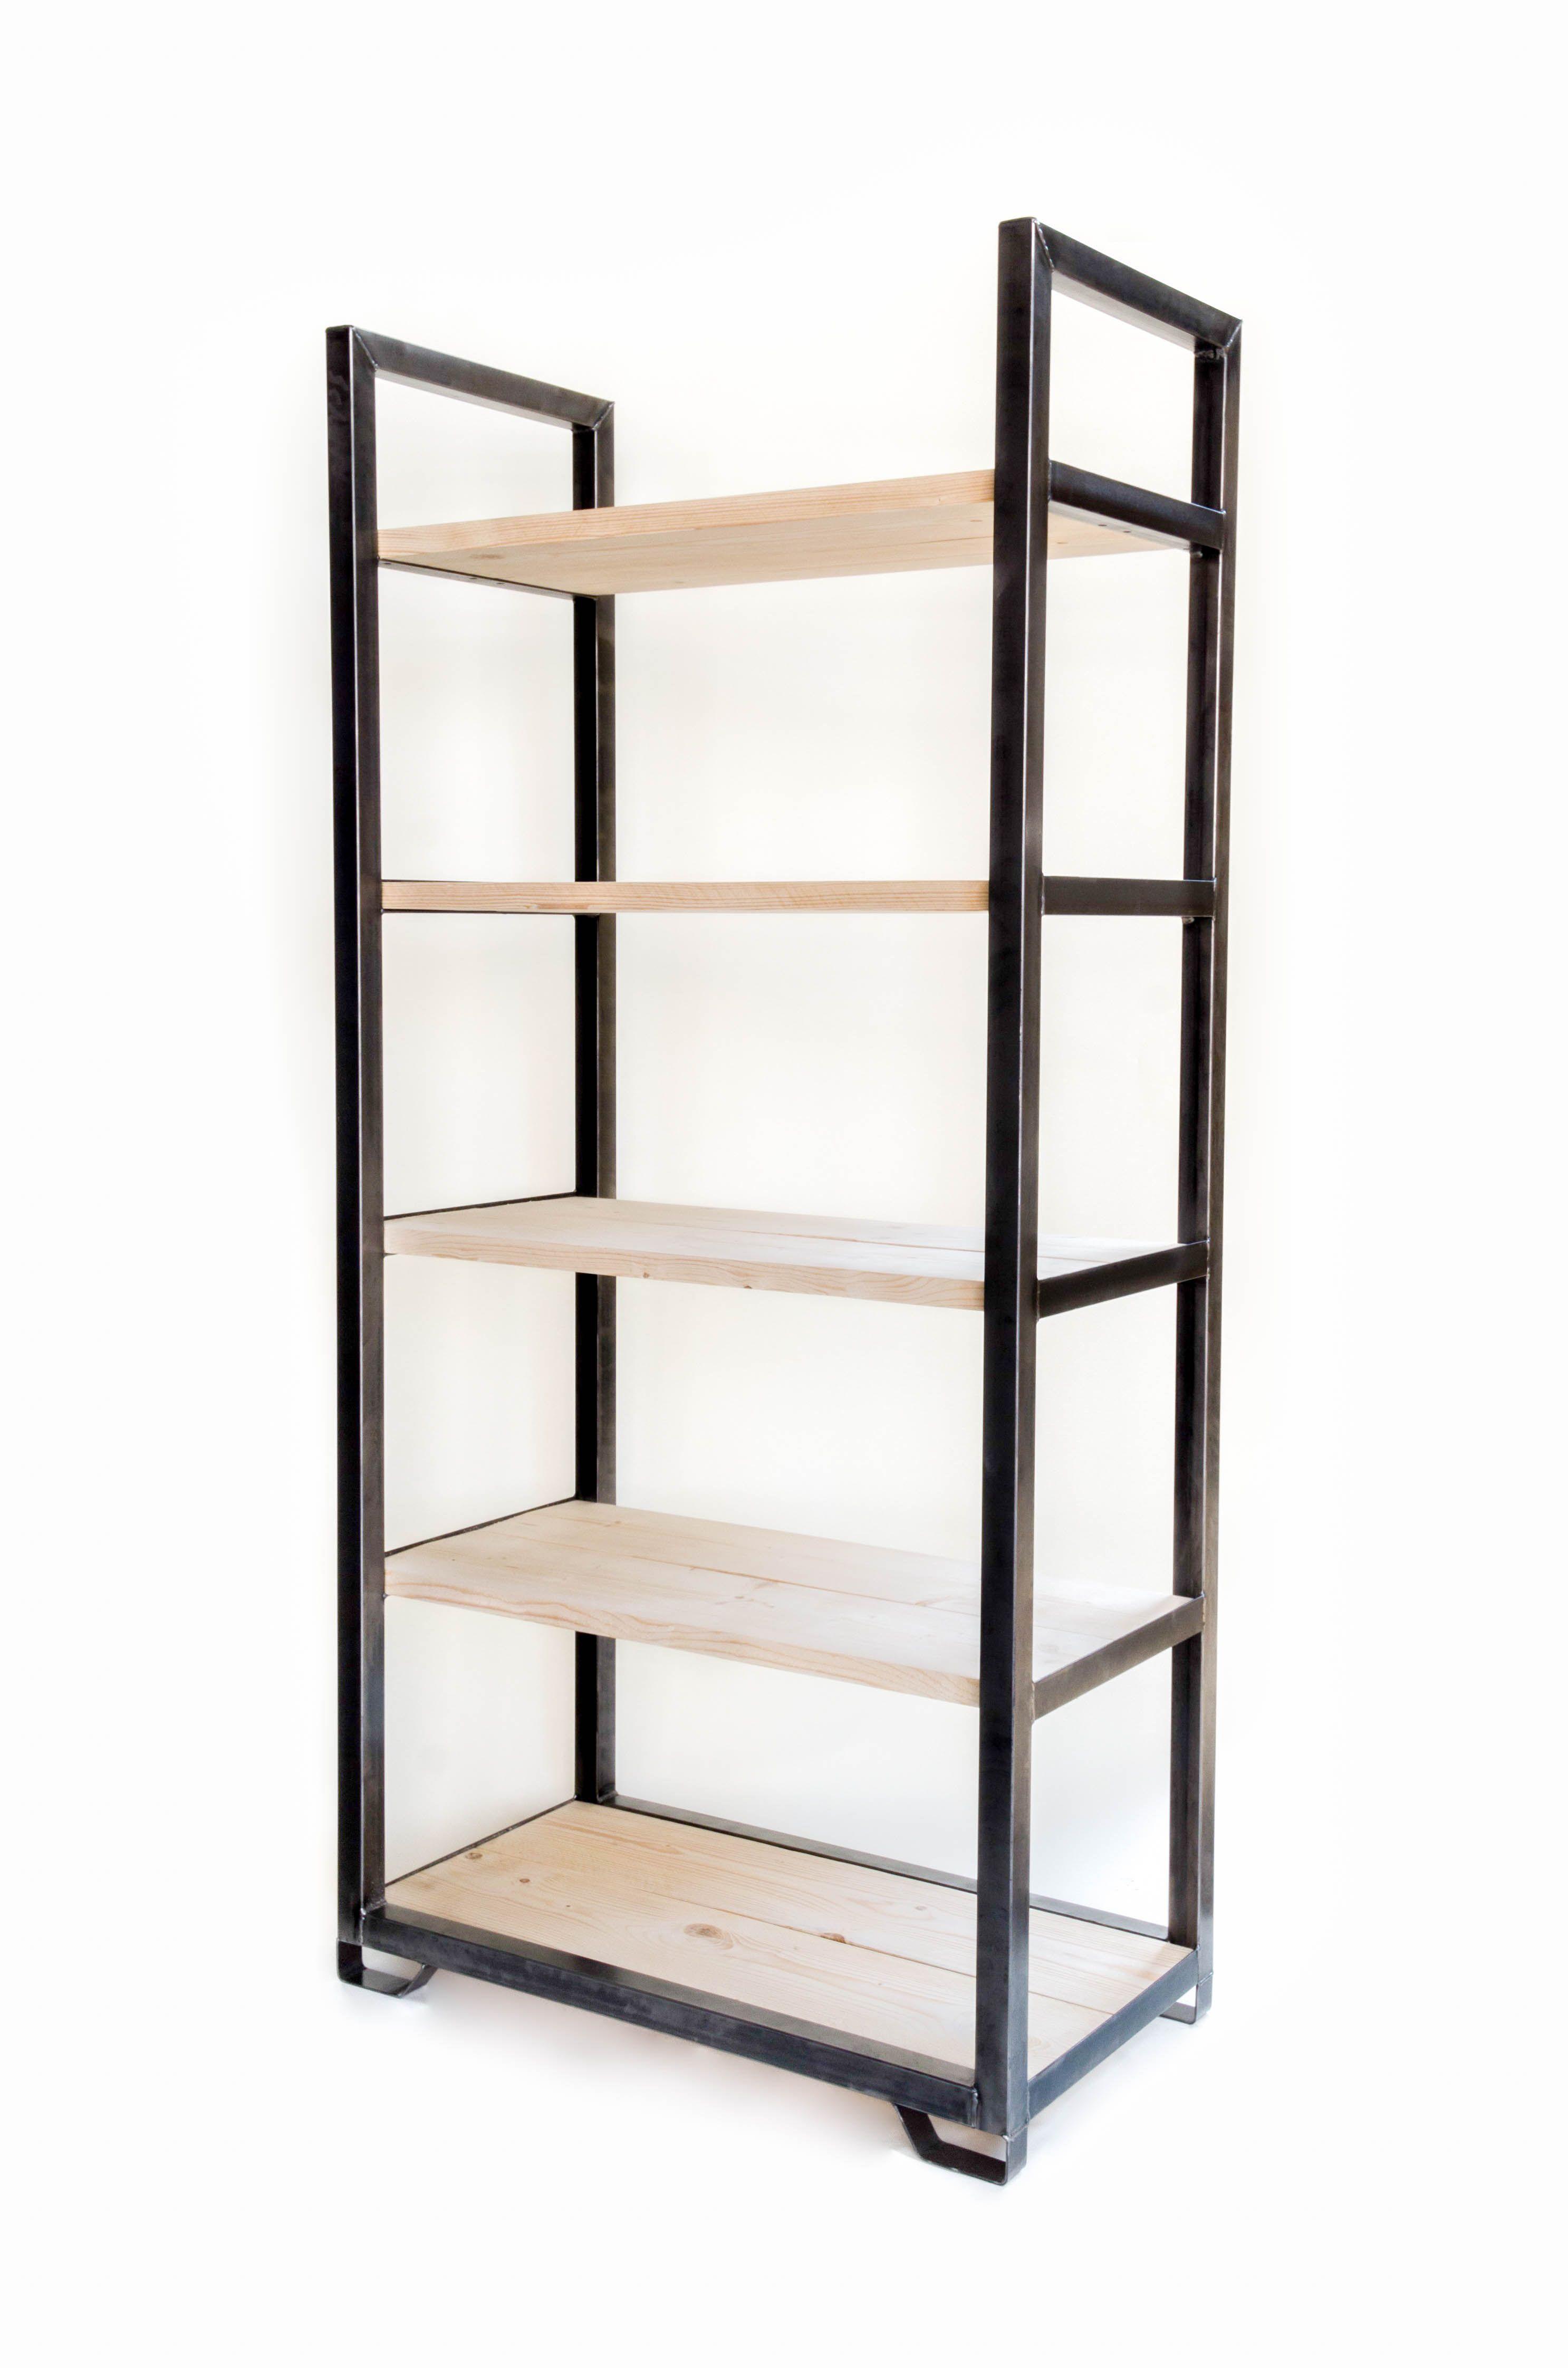 Boekenkast Op Pootjes.Bakkerskar In 2019 Keuken Shelves Bookcase En Home Decor